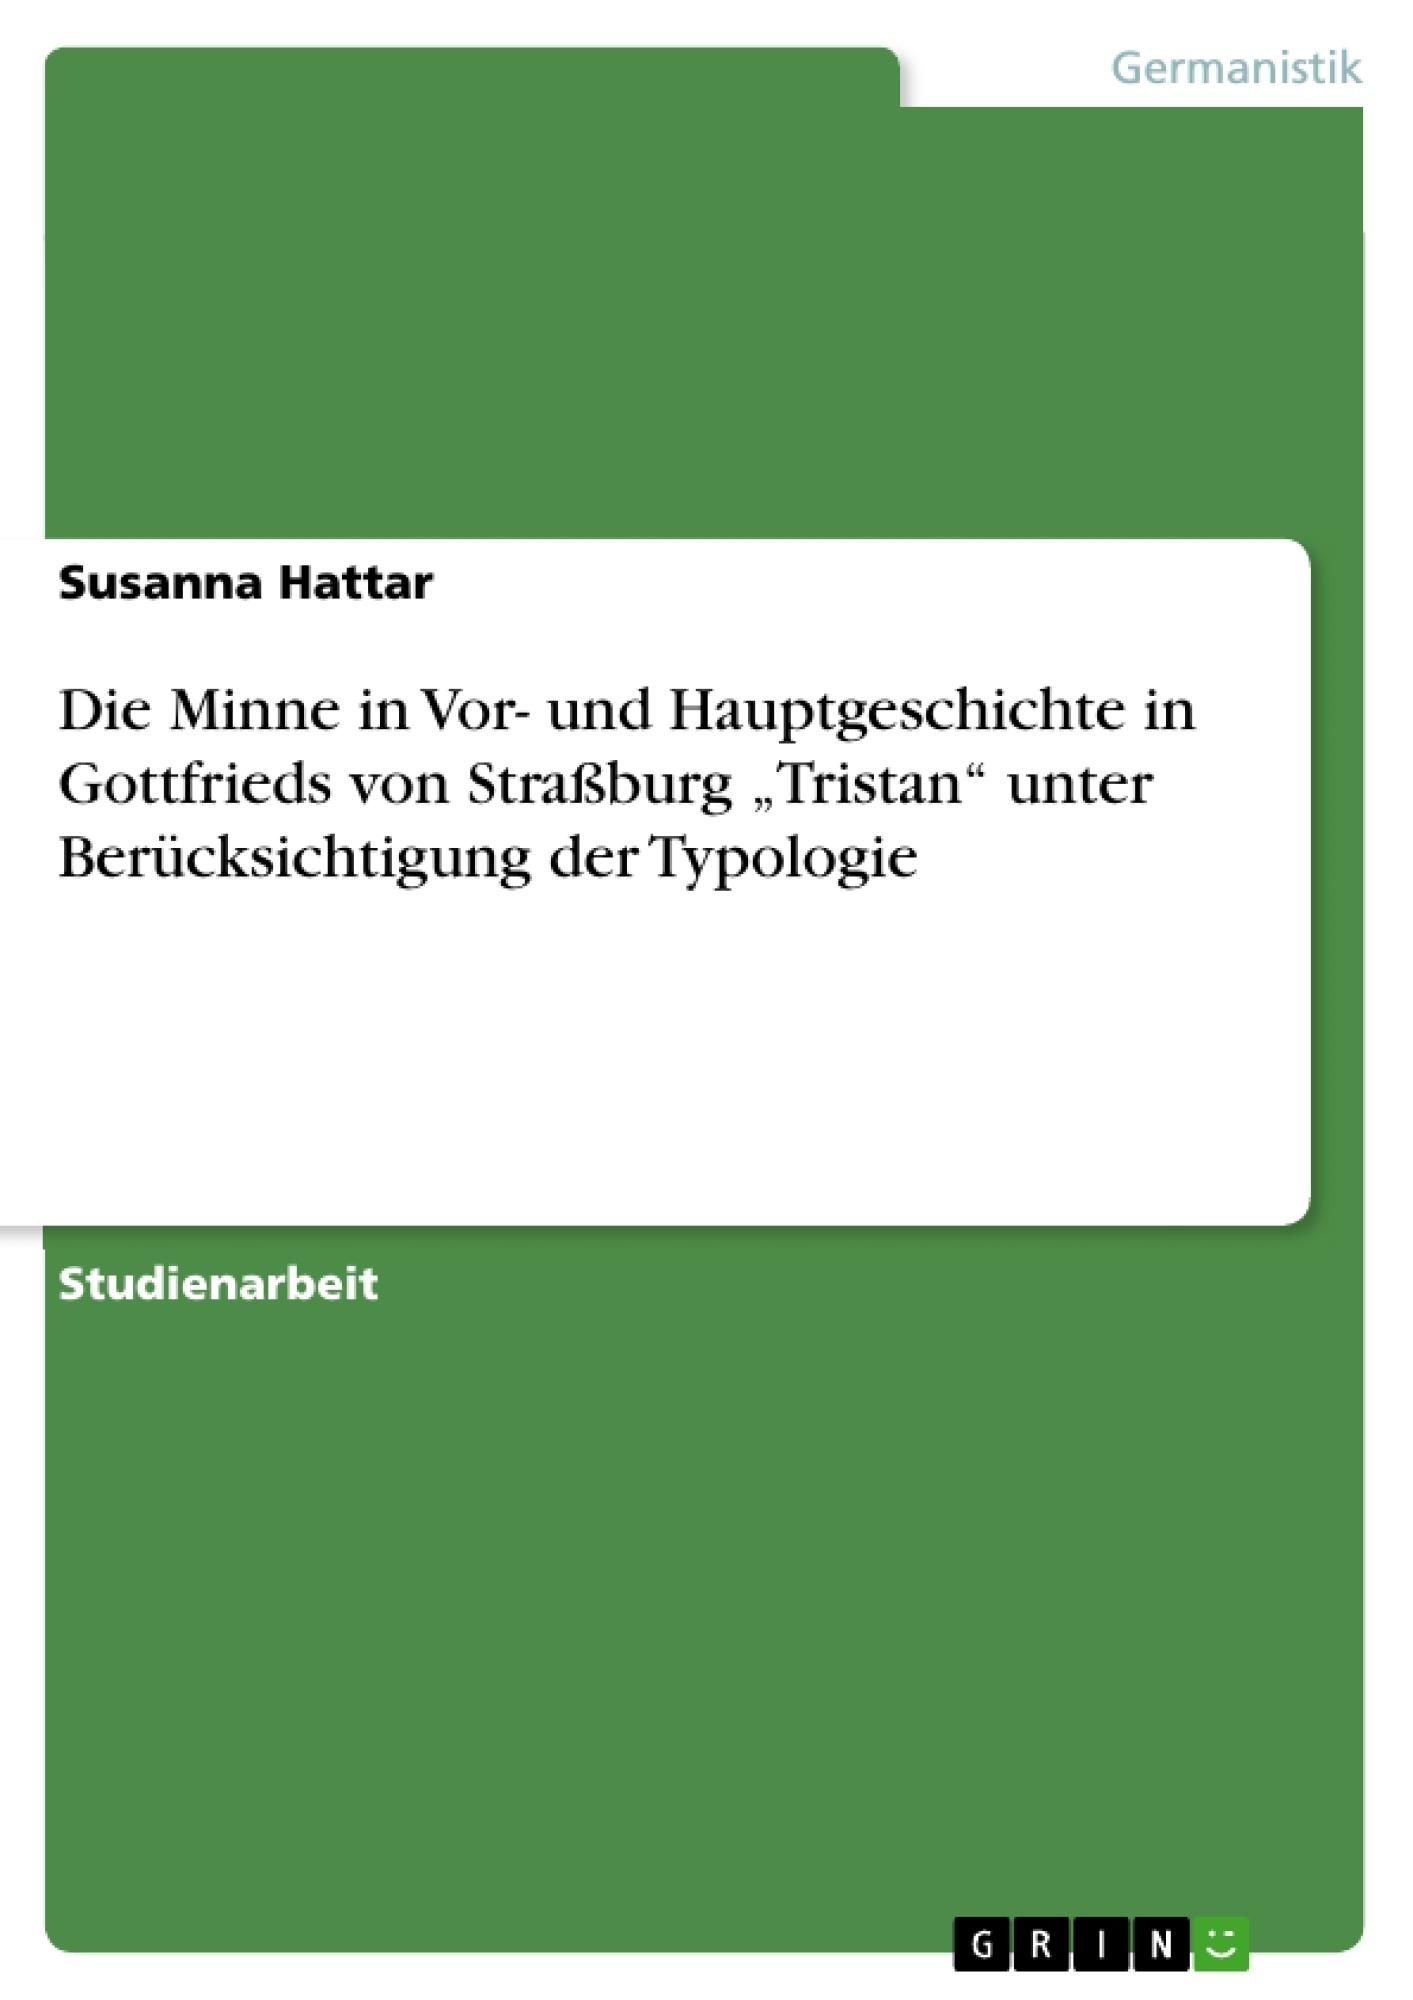 """Titel: Die Minne in Vor- und Hauptgeschichte in Gottfrieds von Straßburg """"Tristan"""" unter Berücksichtigung der Typologie"""